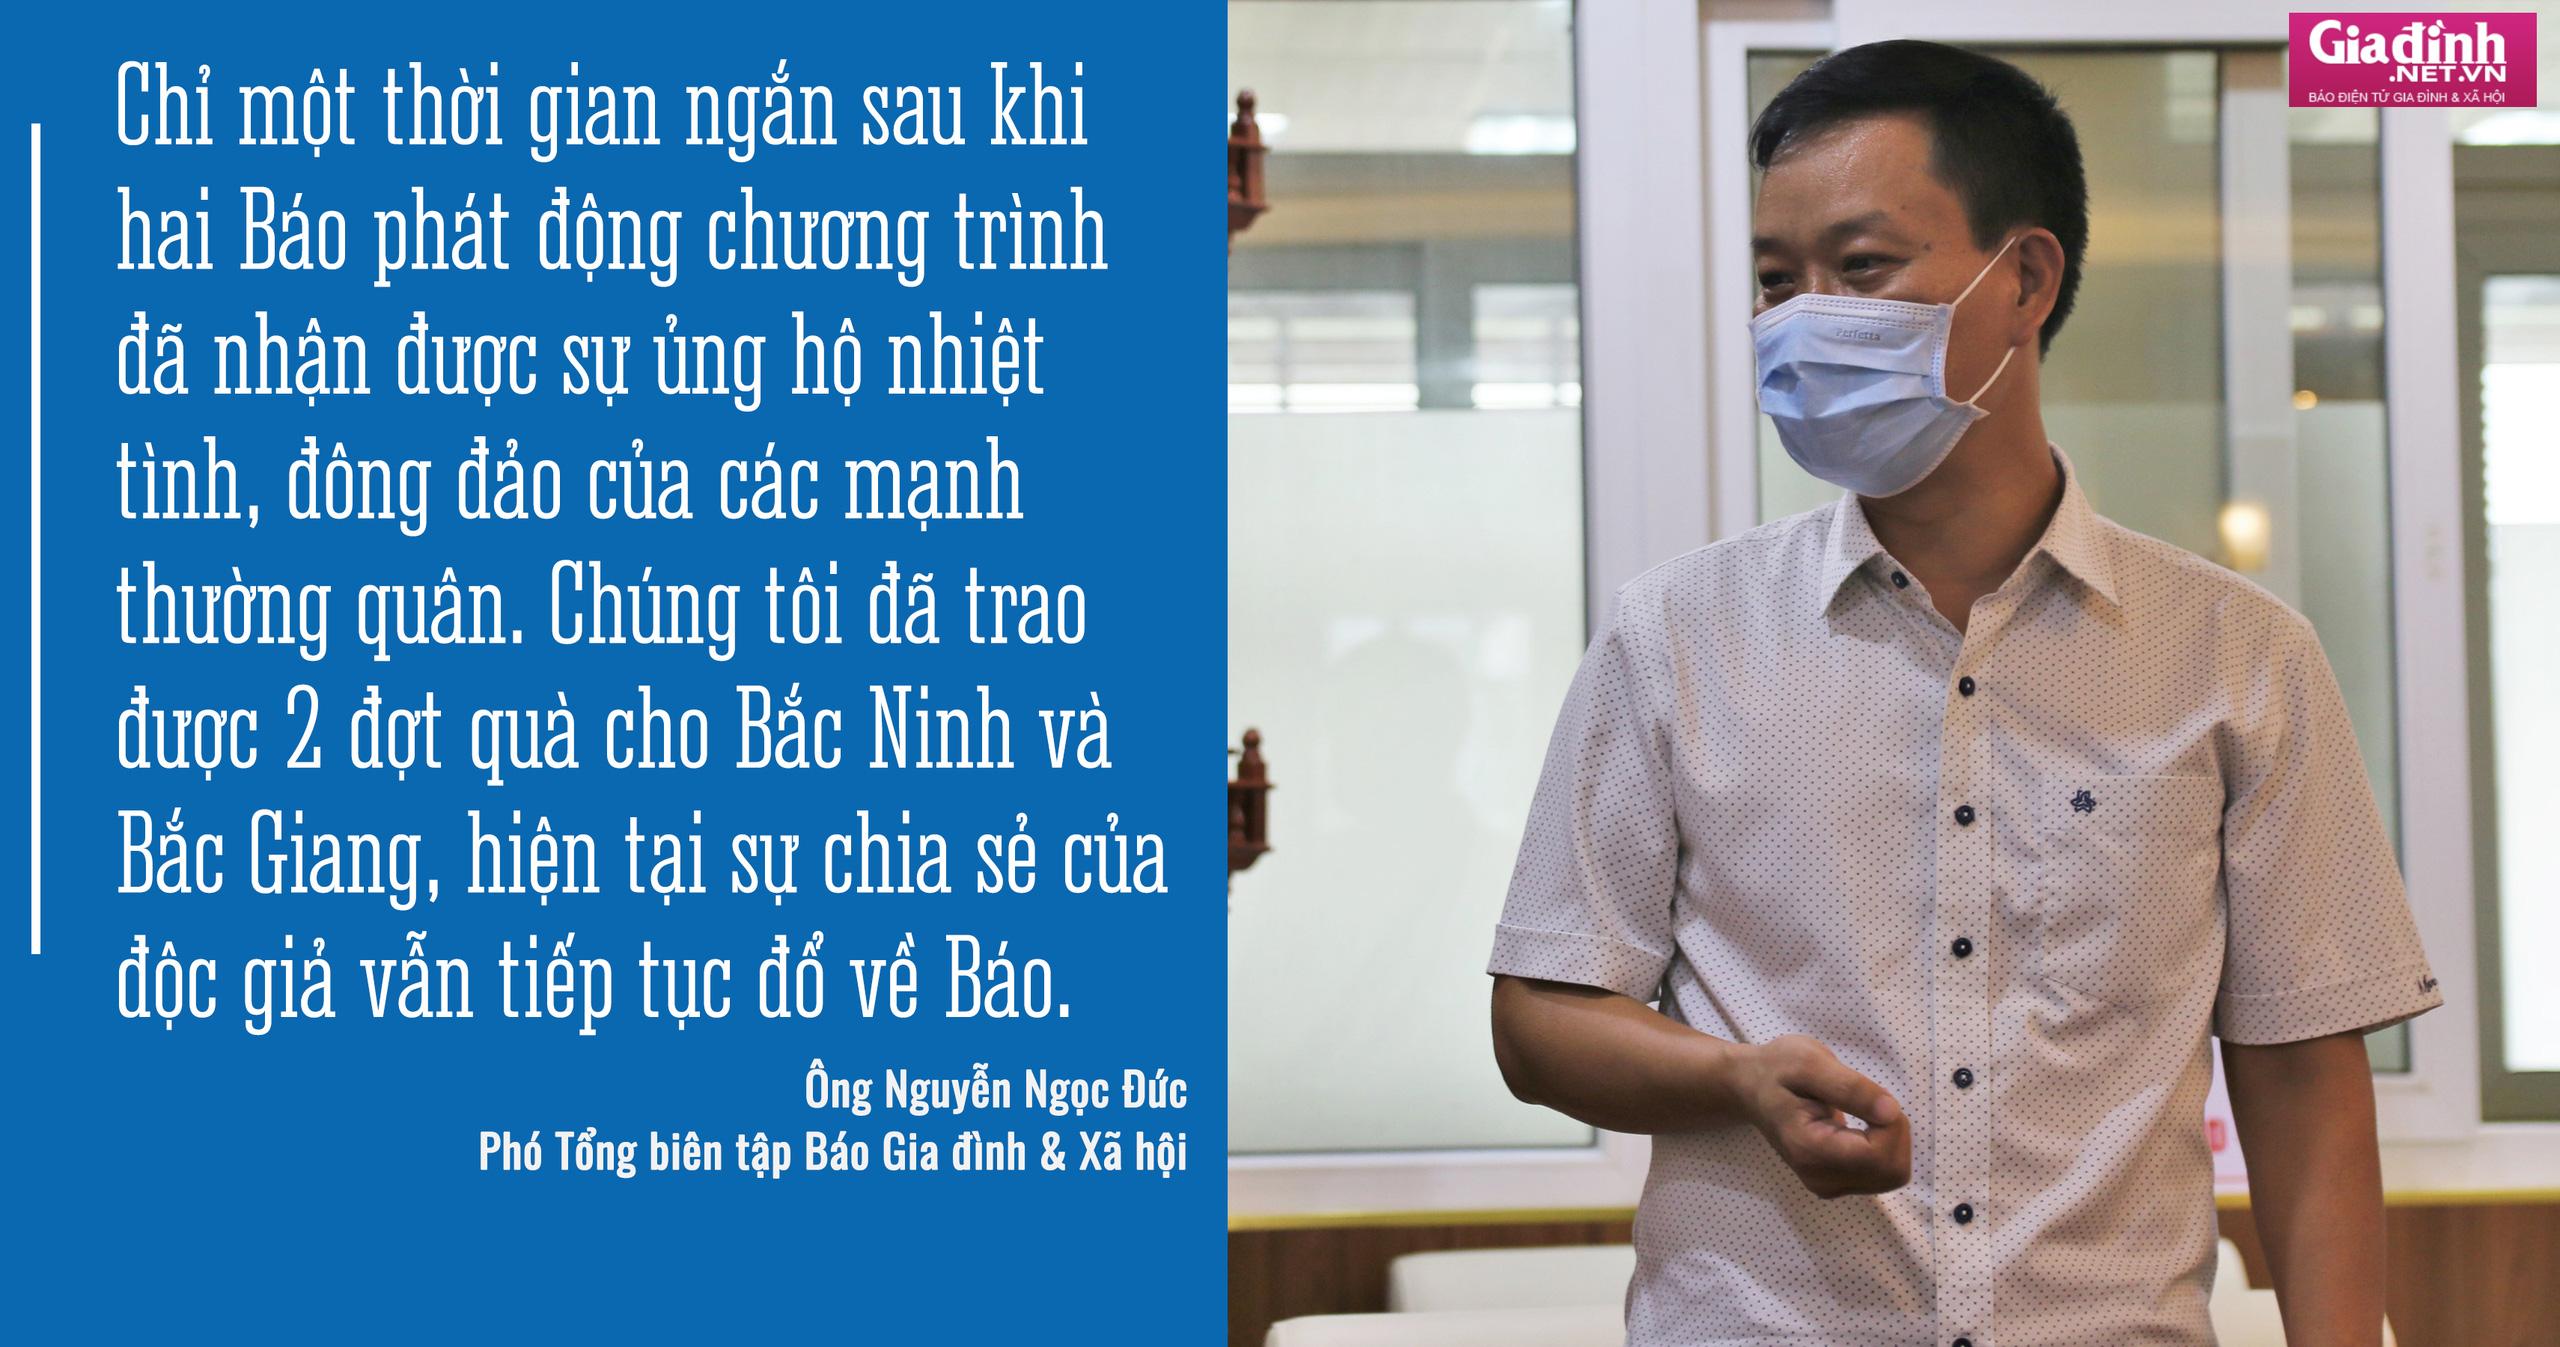 Báo Sức khỏe & Đời sống và Báo Gia đình & Xã hội kêu gọi hơn 1,8 tỷ đồng hỗ trợ Bắc Giang, Bắc Ninh chống dịch - Ảnh 6.